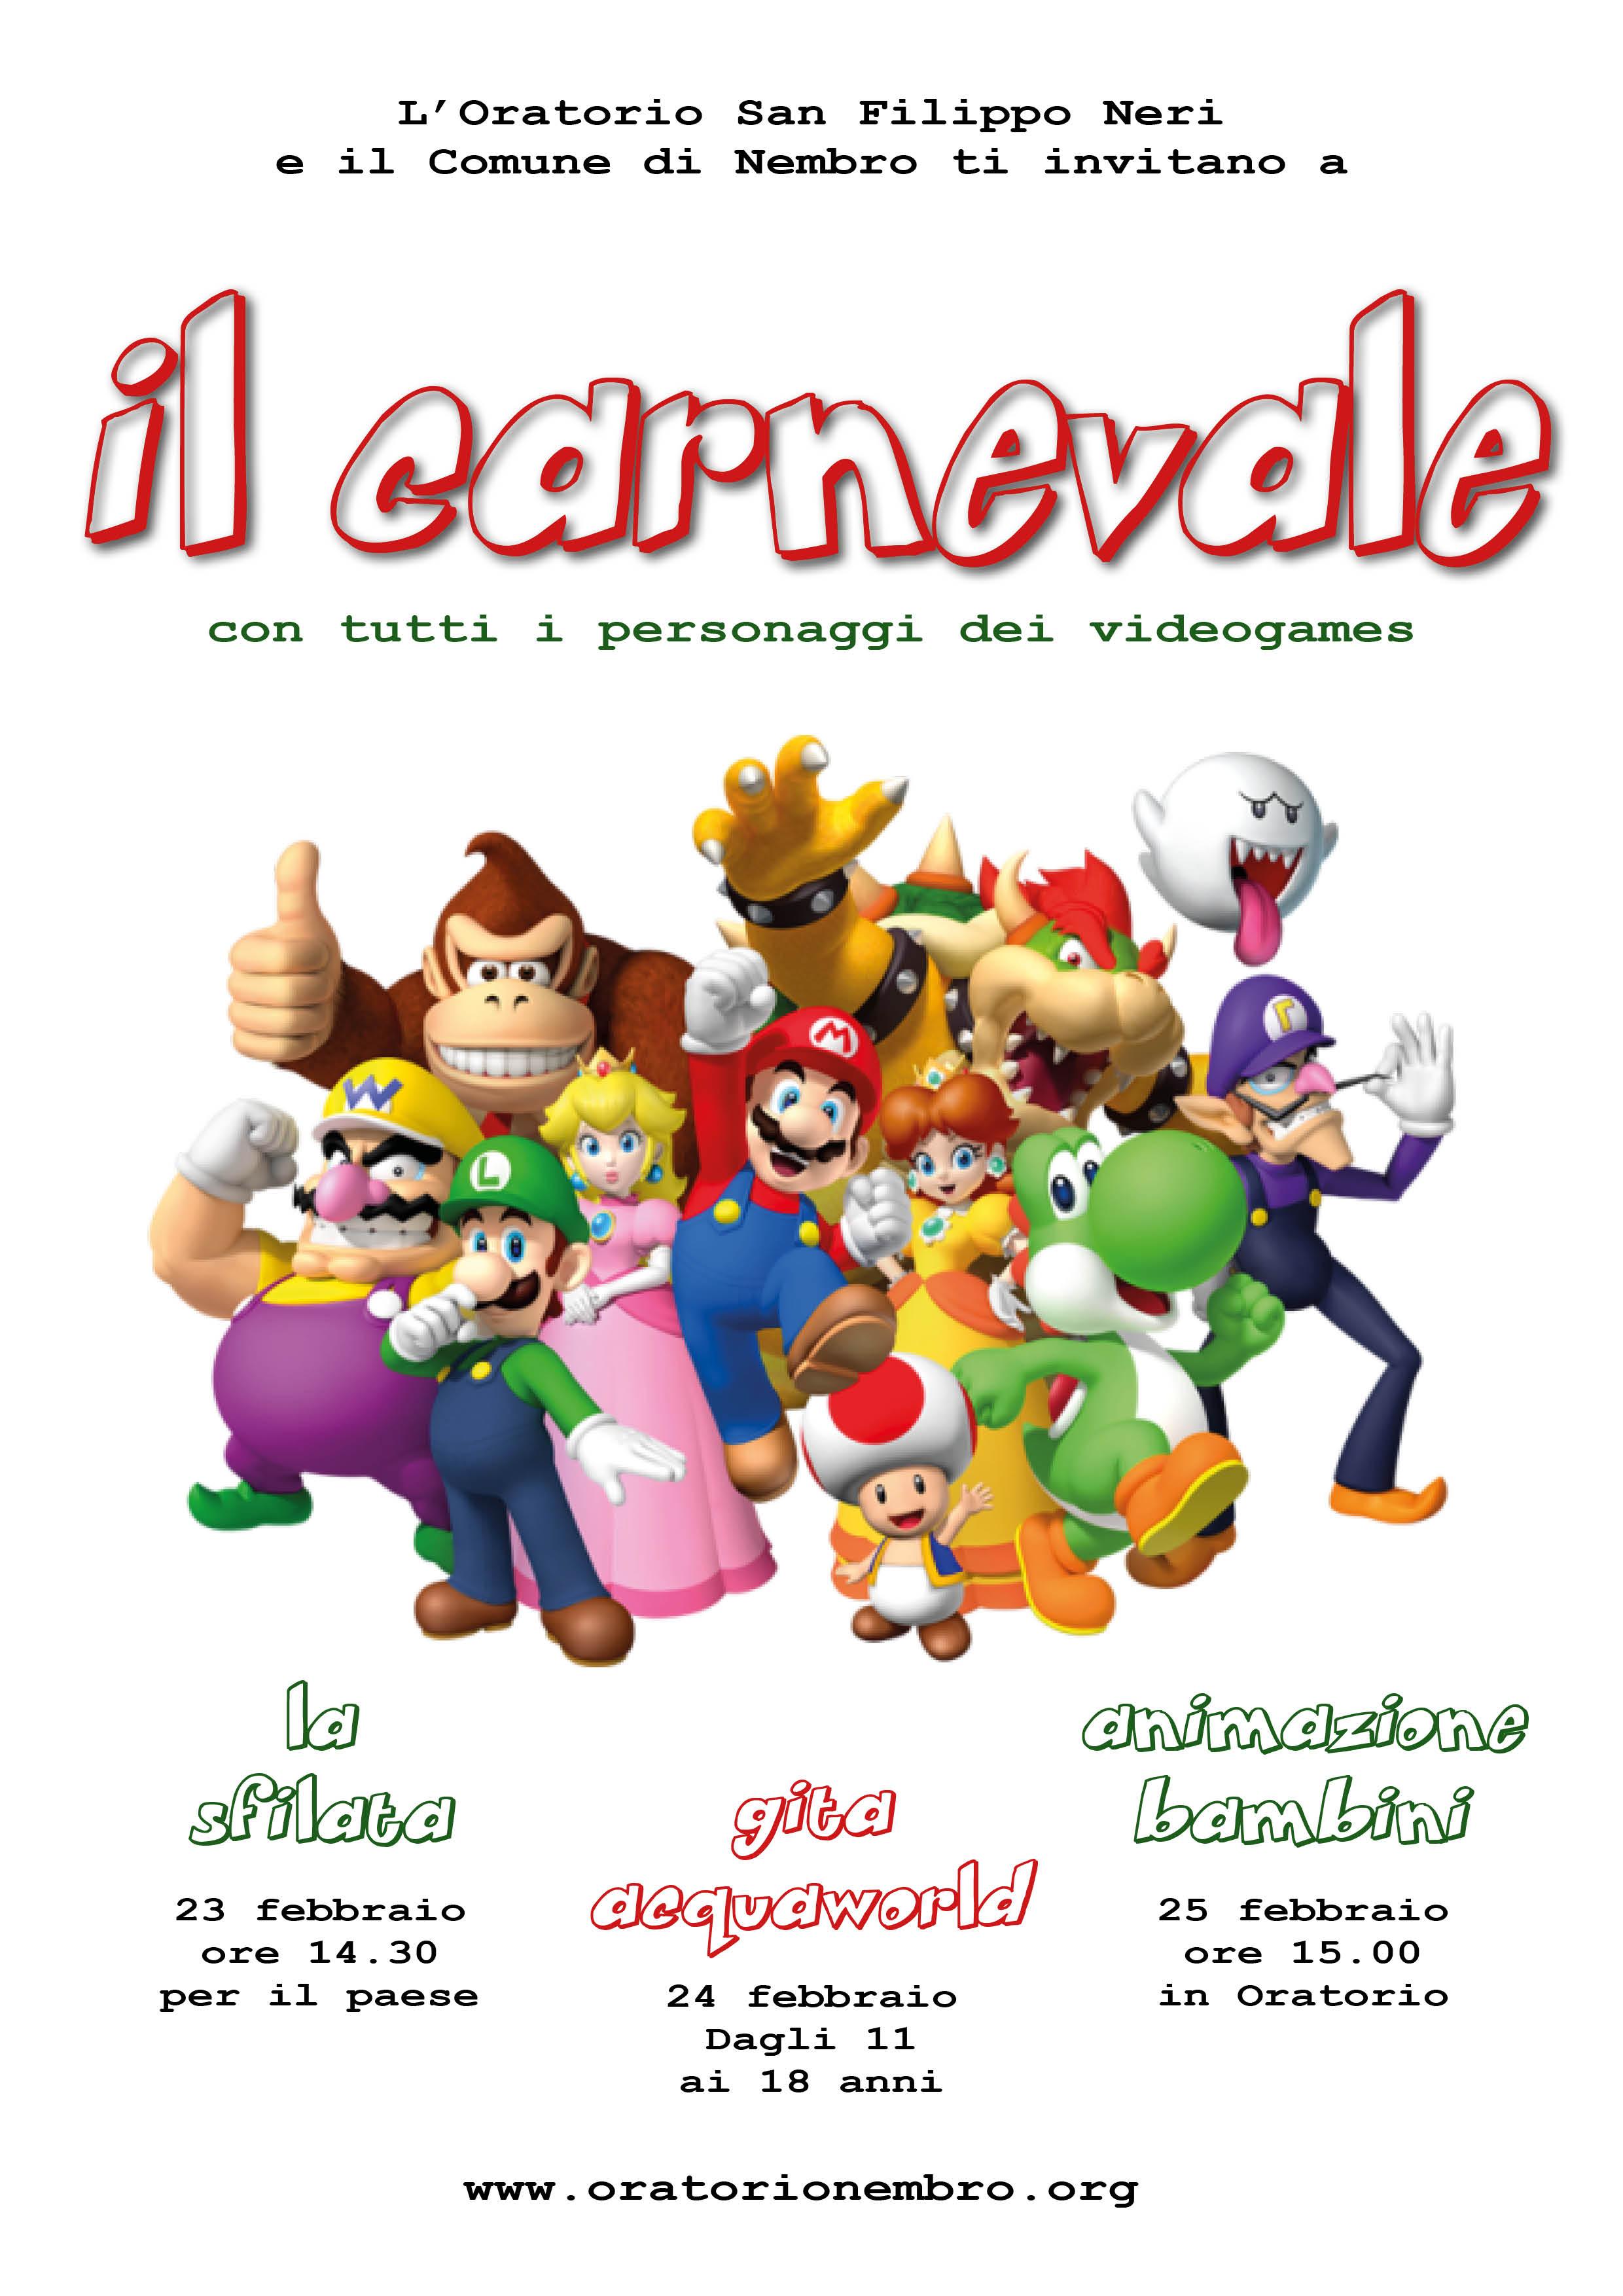 Il Carnevale con tutti i personaggi dei videogames